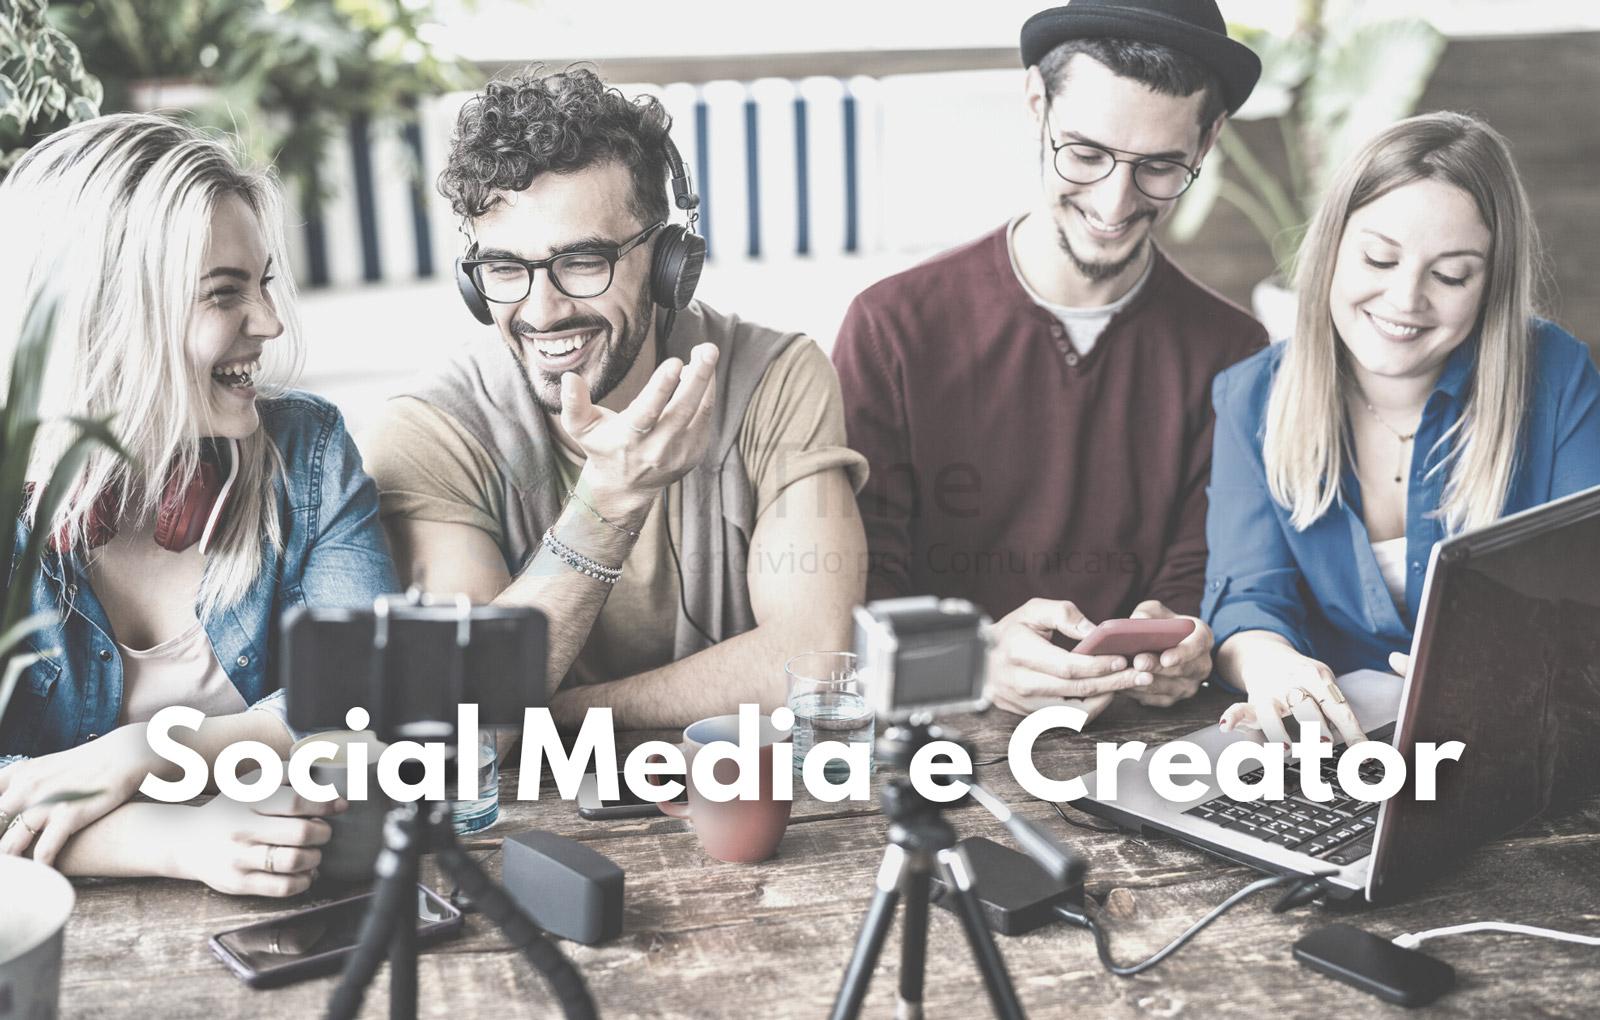 social media creator franzrusso.it